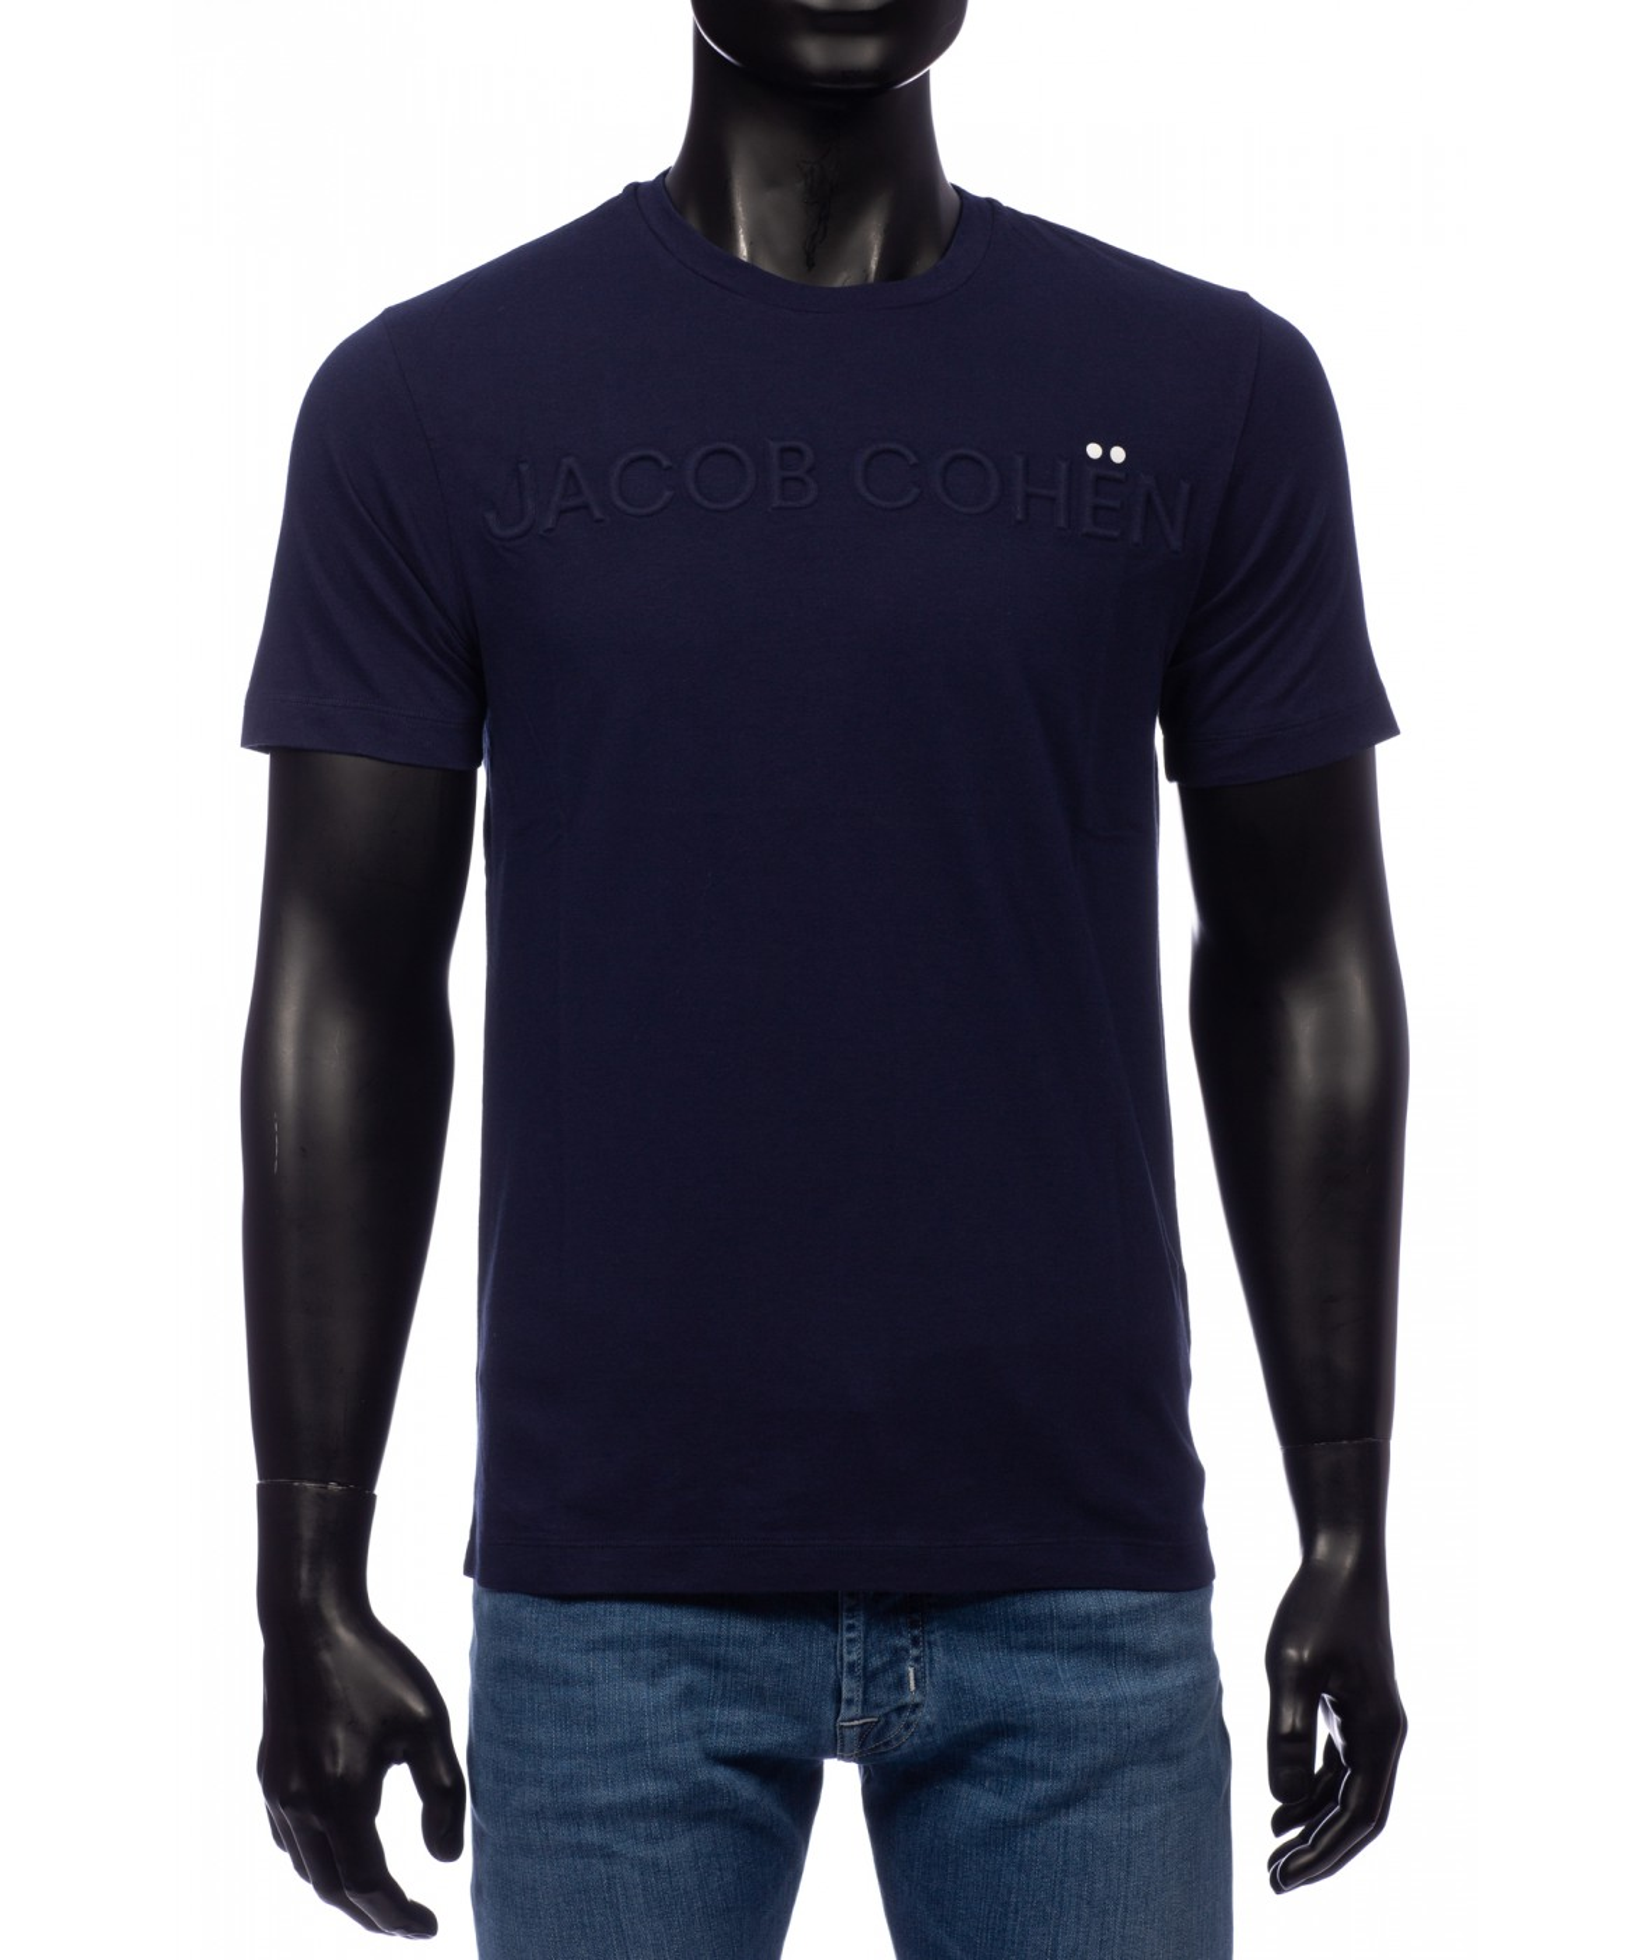 Jacob Cohen T-Shirt Blau (32332)